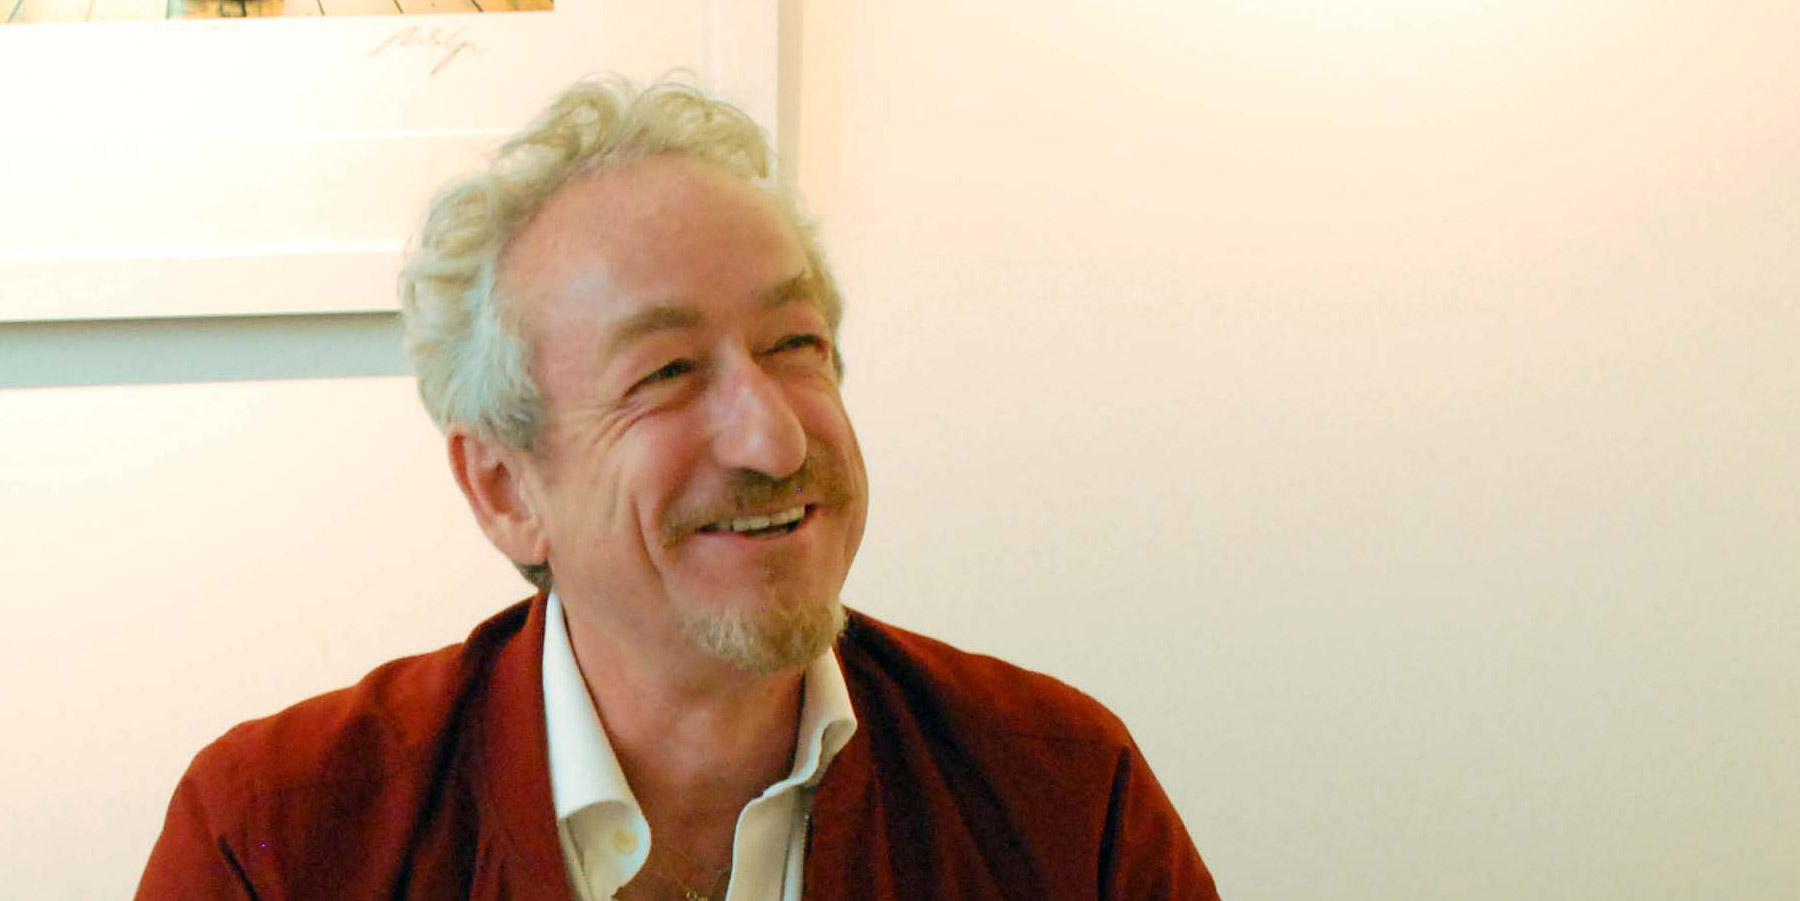 Michael Spencer Jones